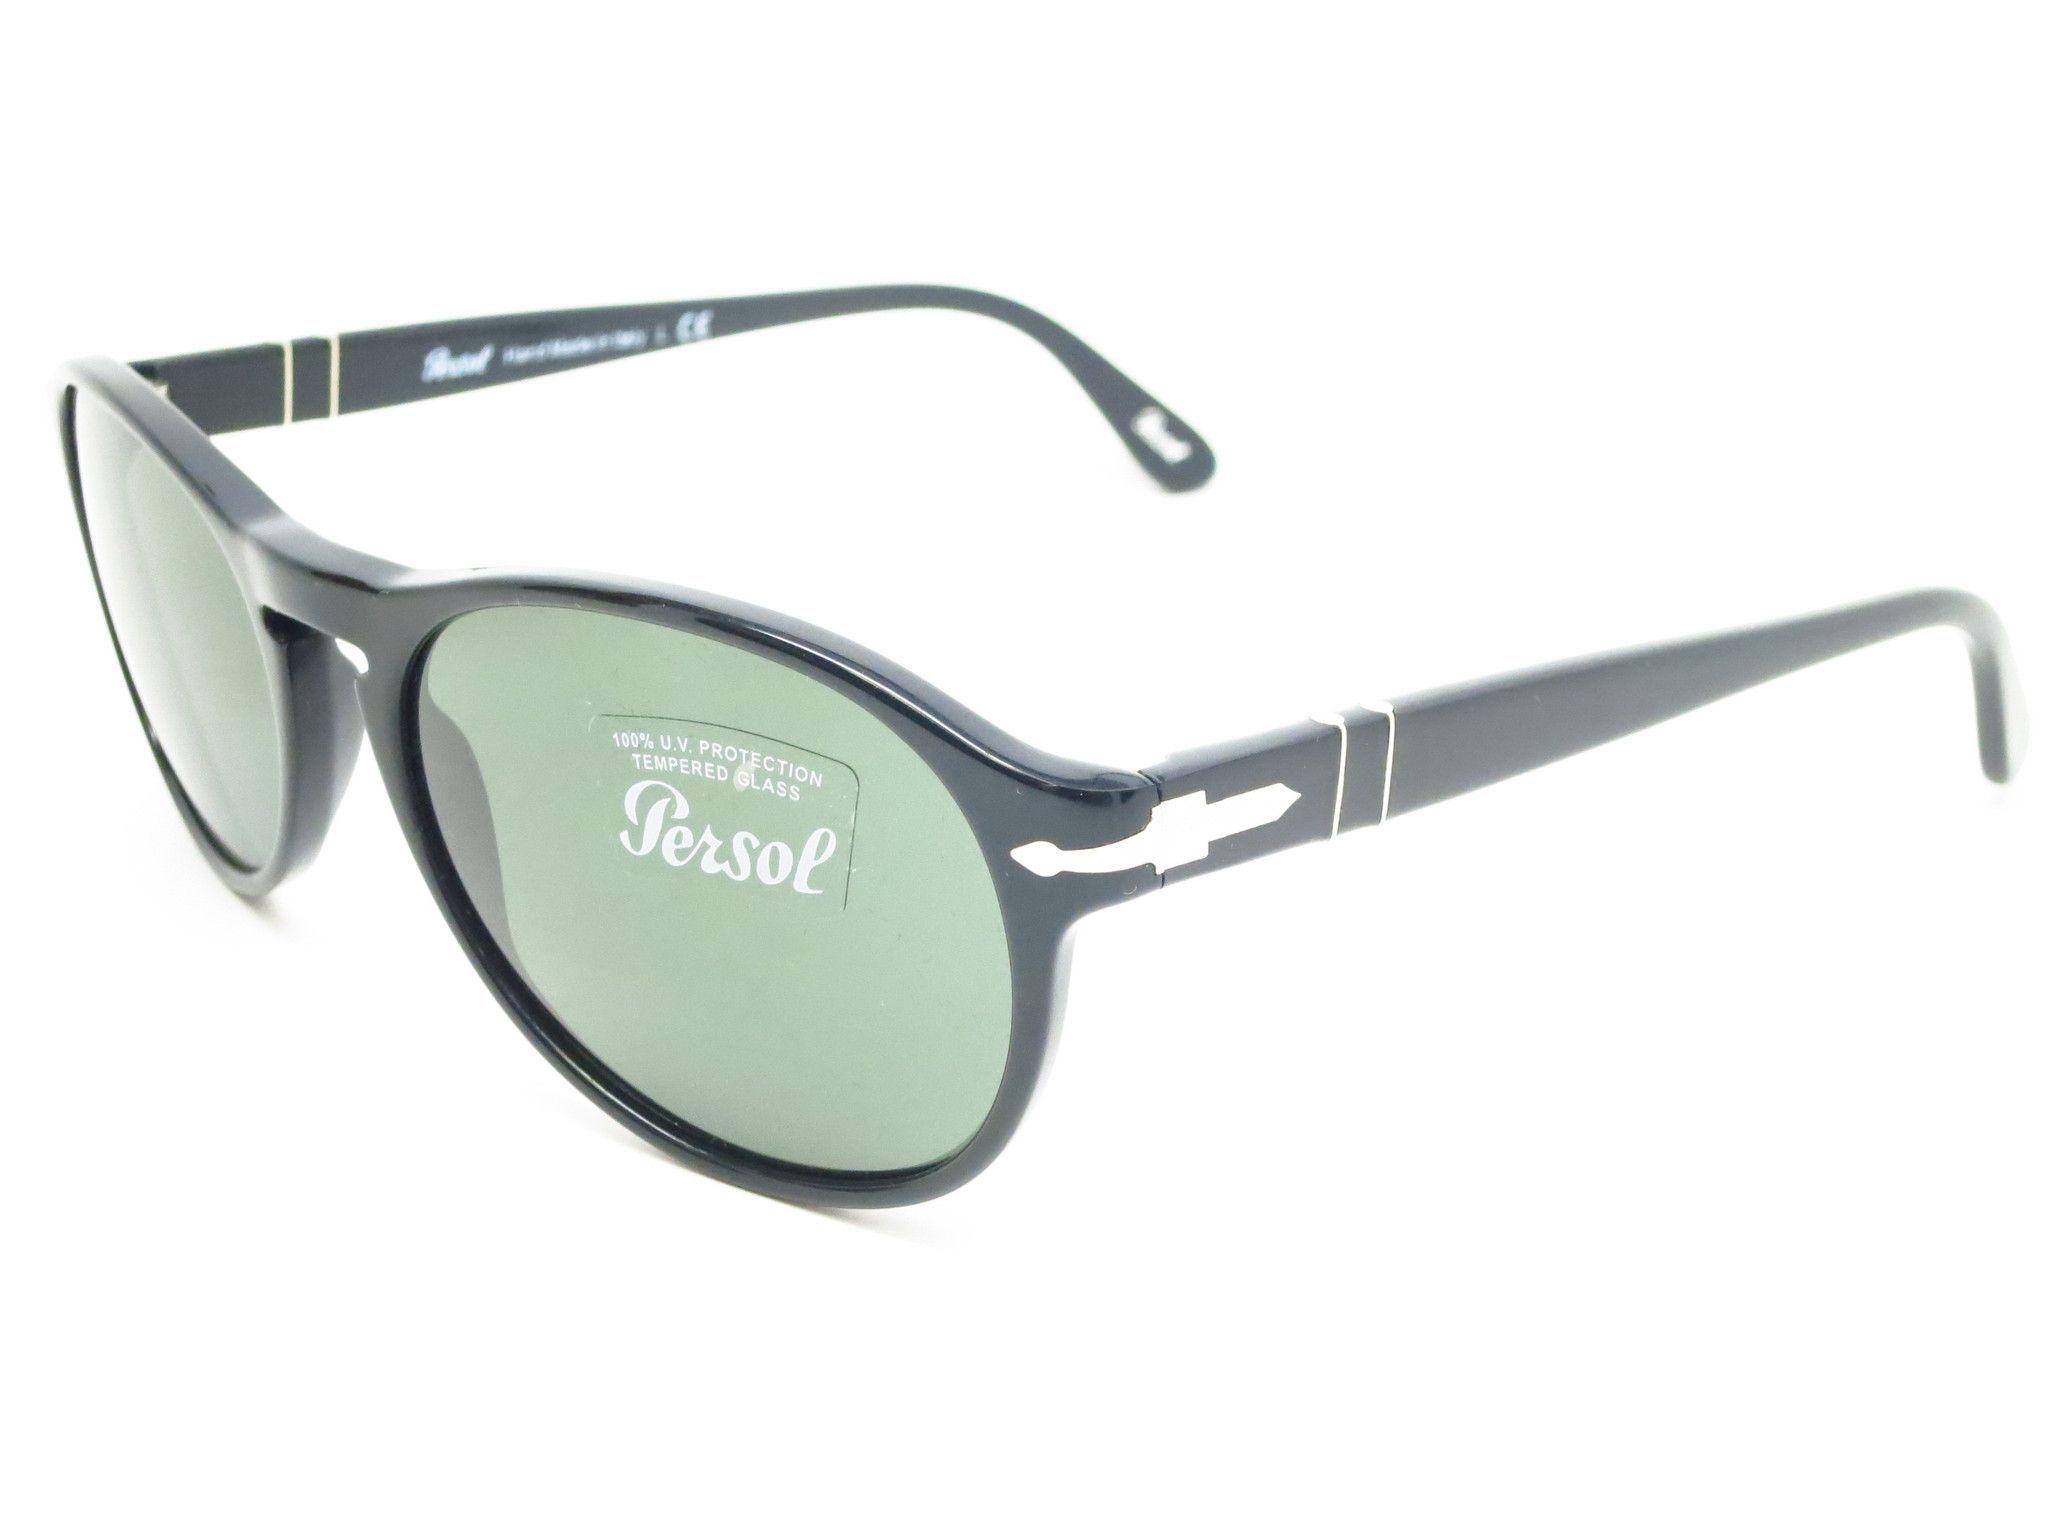 c3f58ac08bf5 Persol PO 2931-S 95/31 Shiny Black Sunglasses | Persol Sunglasses